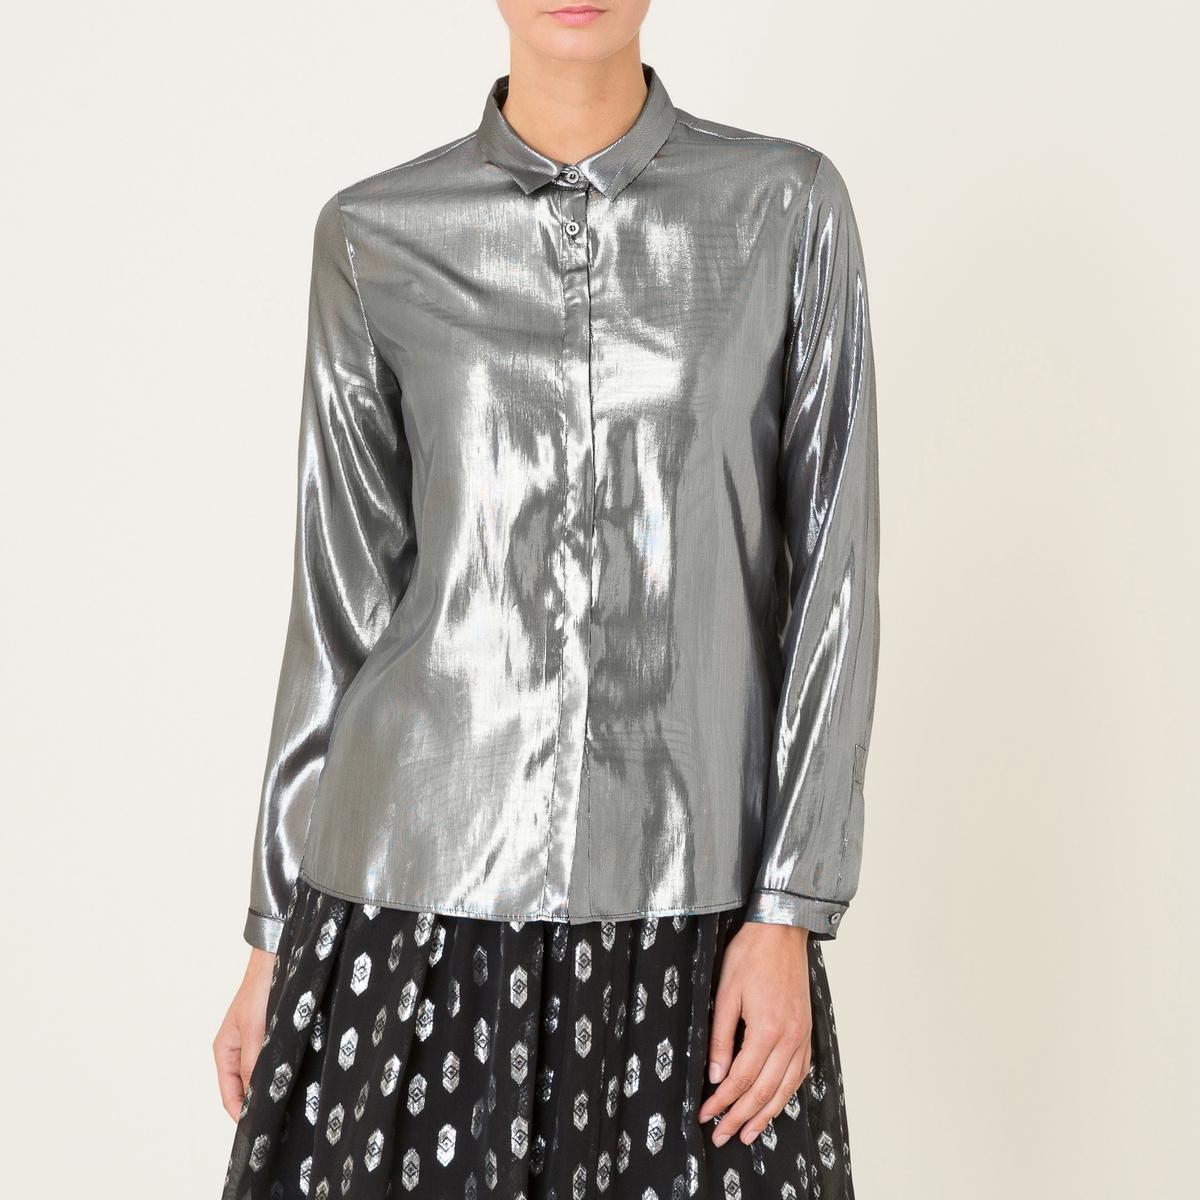 Рубашка шелковаяРубашка POMANDERE - из шелка и серебристого люрекса. Свободные уголки воротника. Супатная застёжка на пуговицы. Длинные рукава с пуговицами на манжетах. Прямой покрой.Состав и описание Материал : 73% шелка, 27% металлизированных волокон люрексаМарка : POMANDERE<br><br>Цвет: серебристый<br>Размер: 40 (FR) - 46 (RUS)